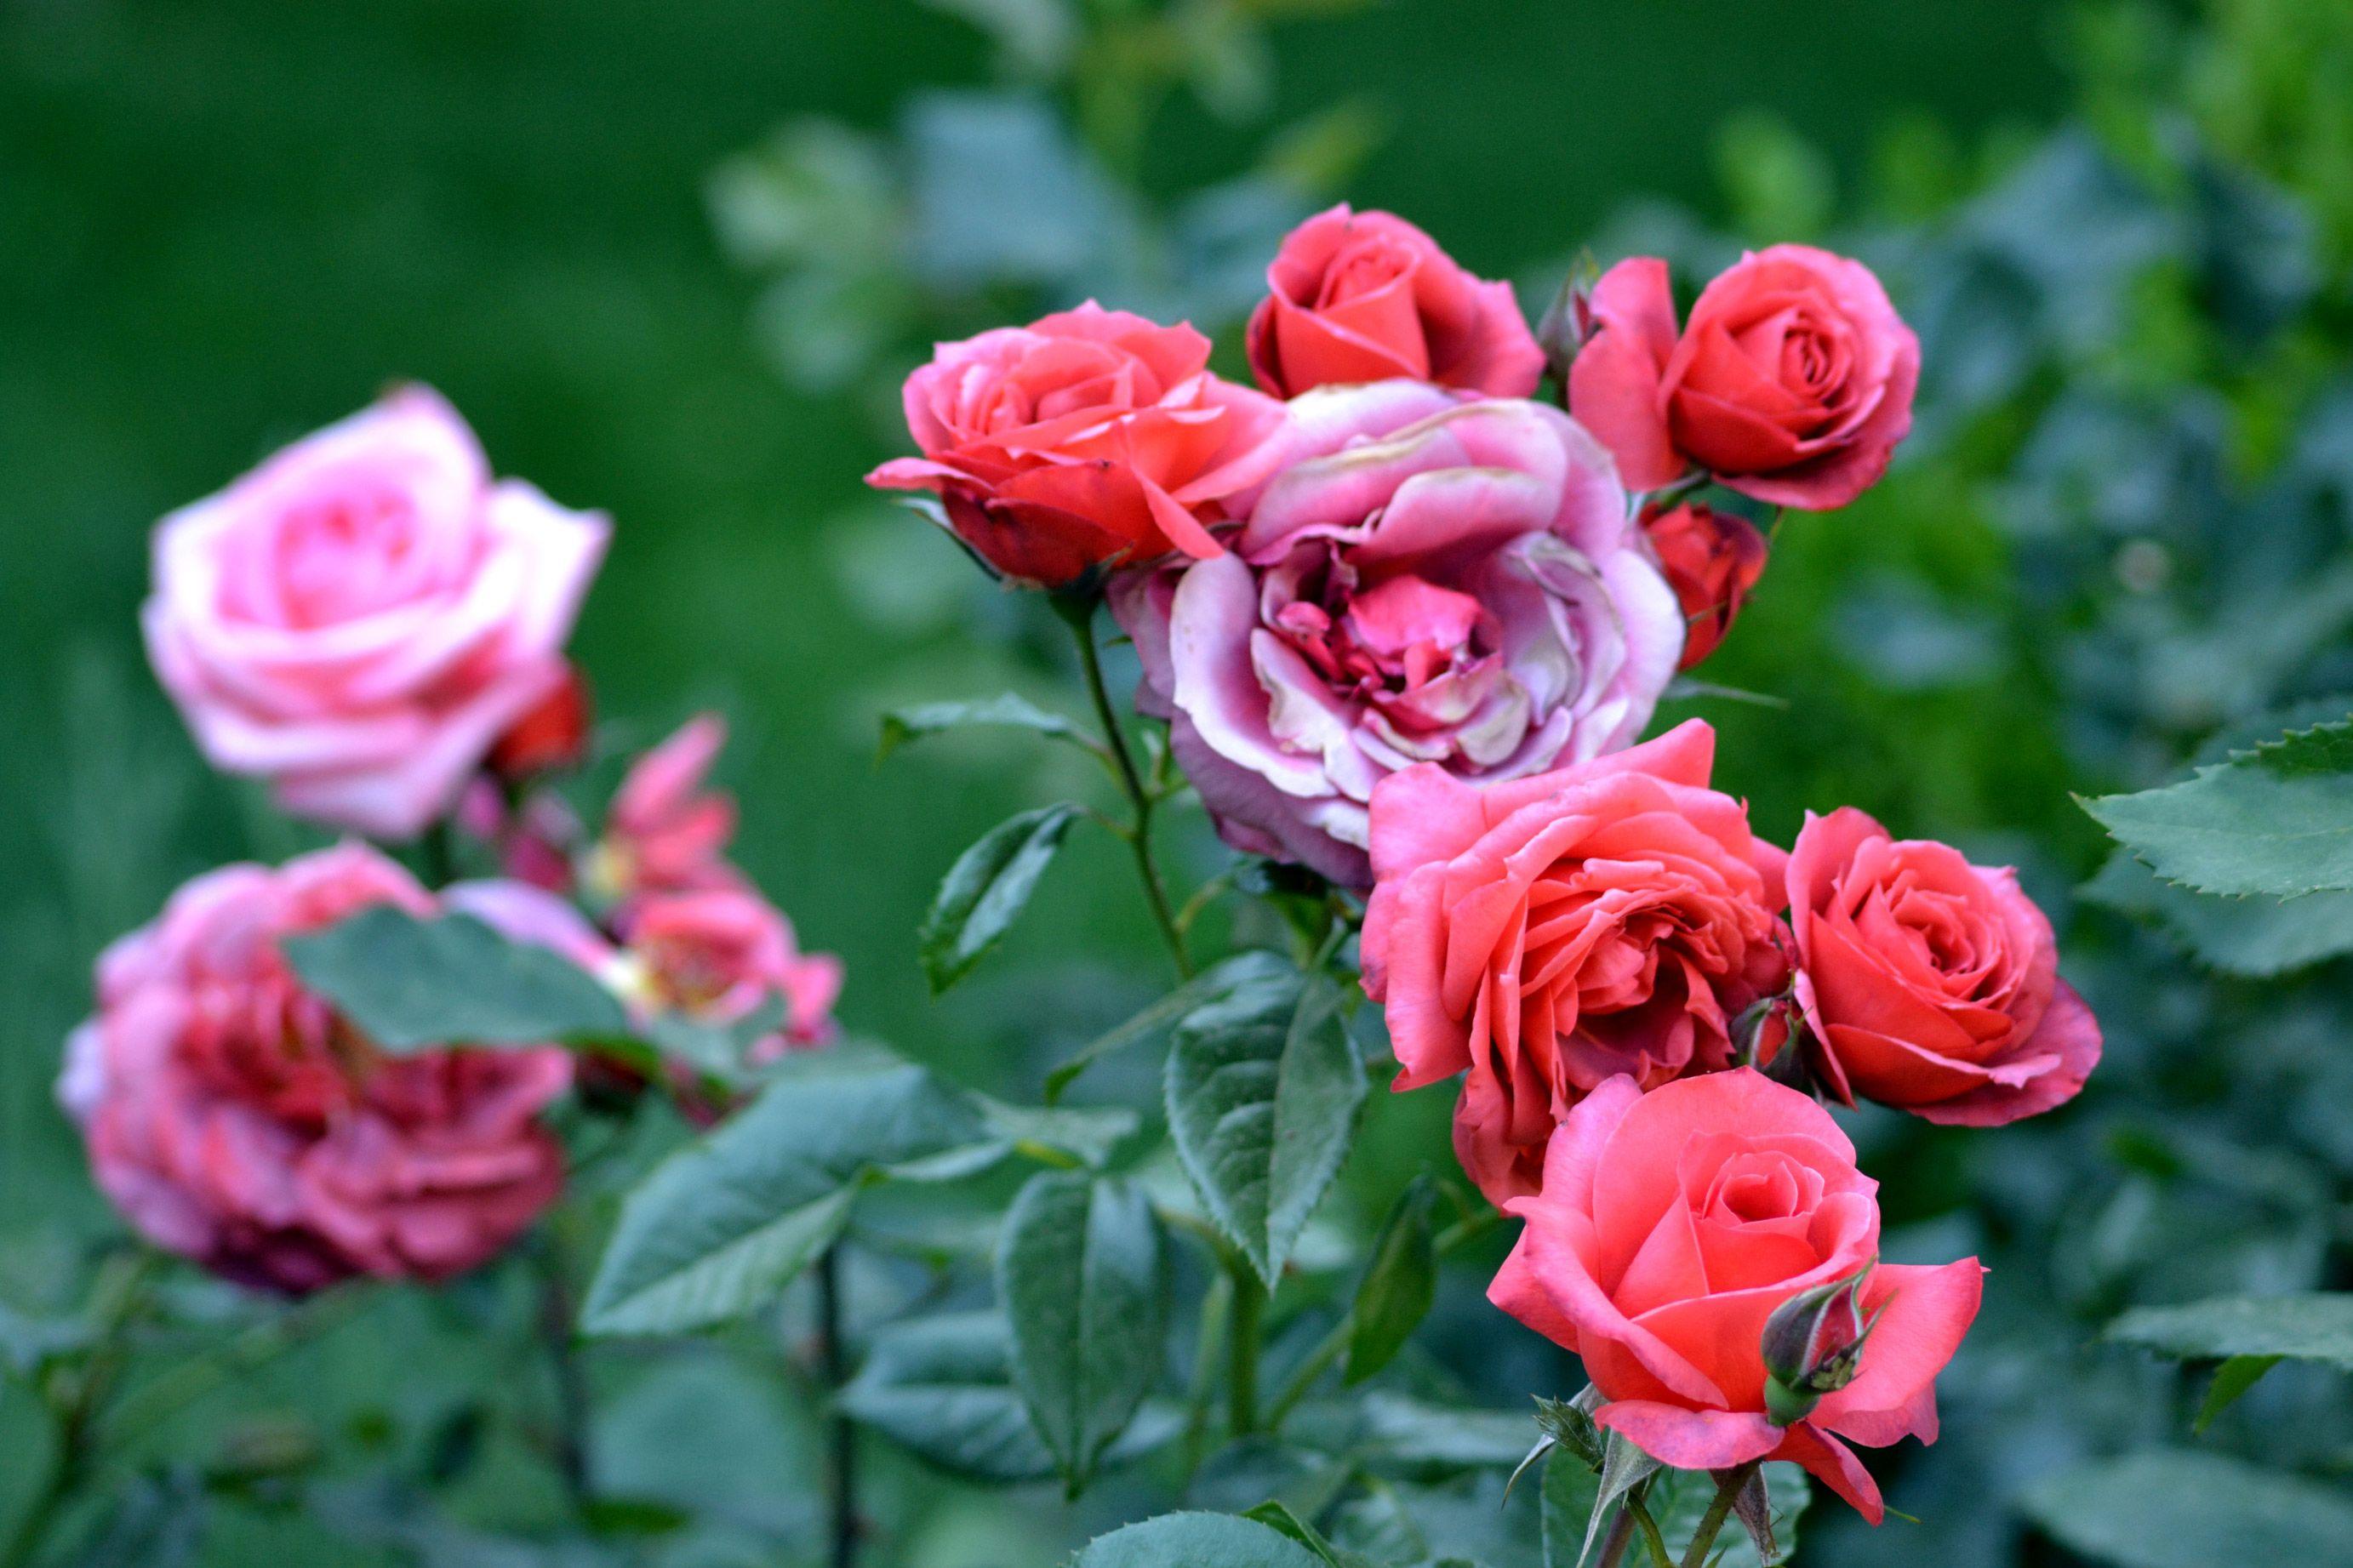 roses photography - Google-haku